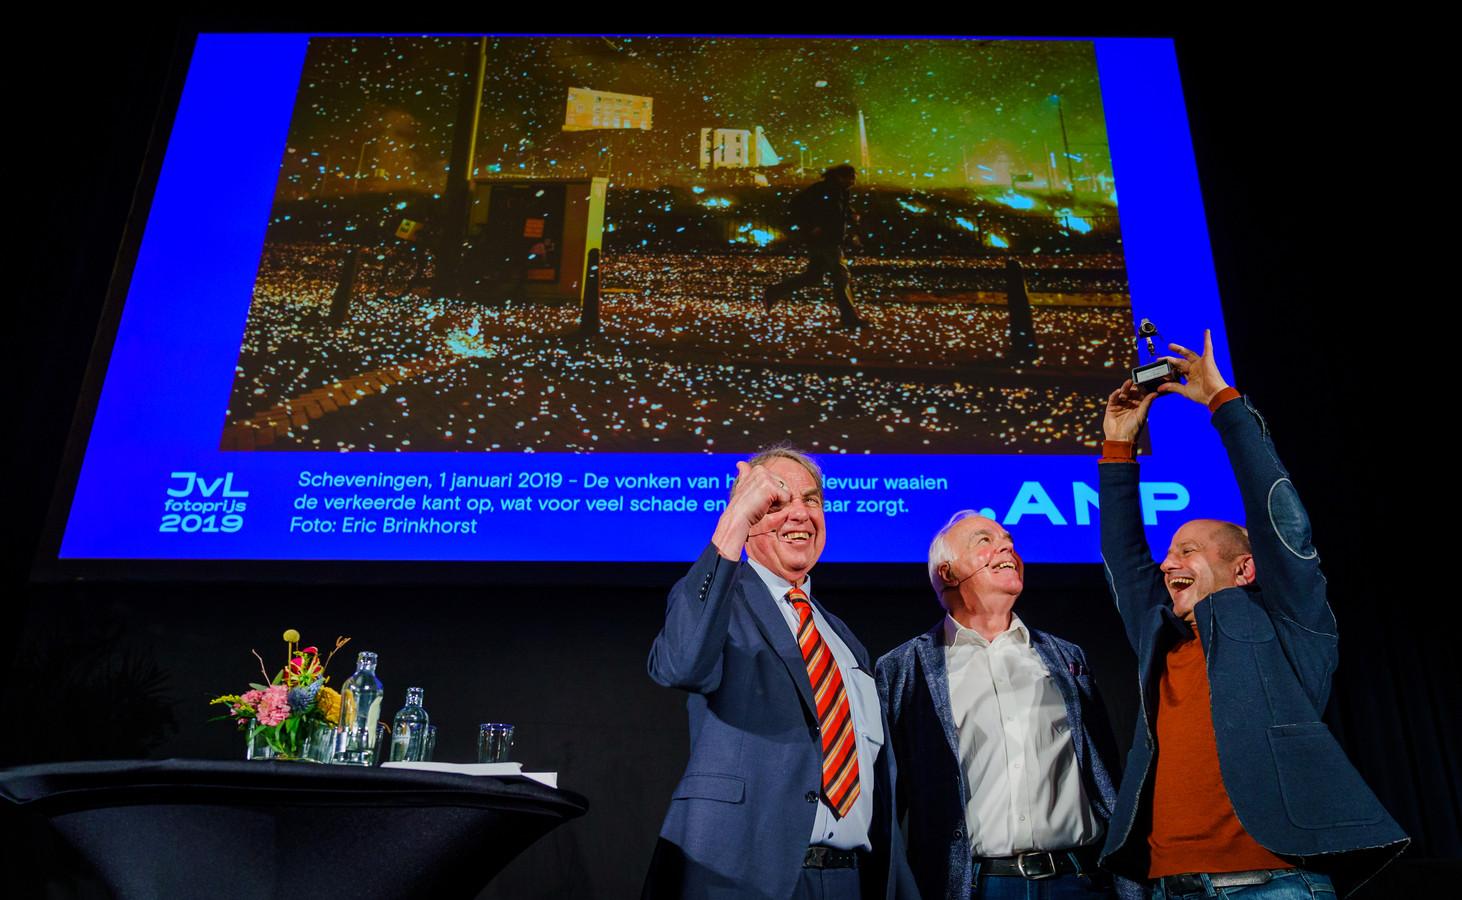 Onder toeziend oog van jurylid Leo Blom (M) krijgt fotograaf Eric Brinkhorst (R) uit handen van de Haagse fotograaf Jos van Leeuwen (L) de Jos van Leeuwen Fotoprijs.